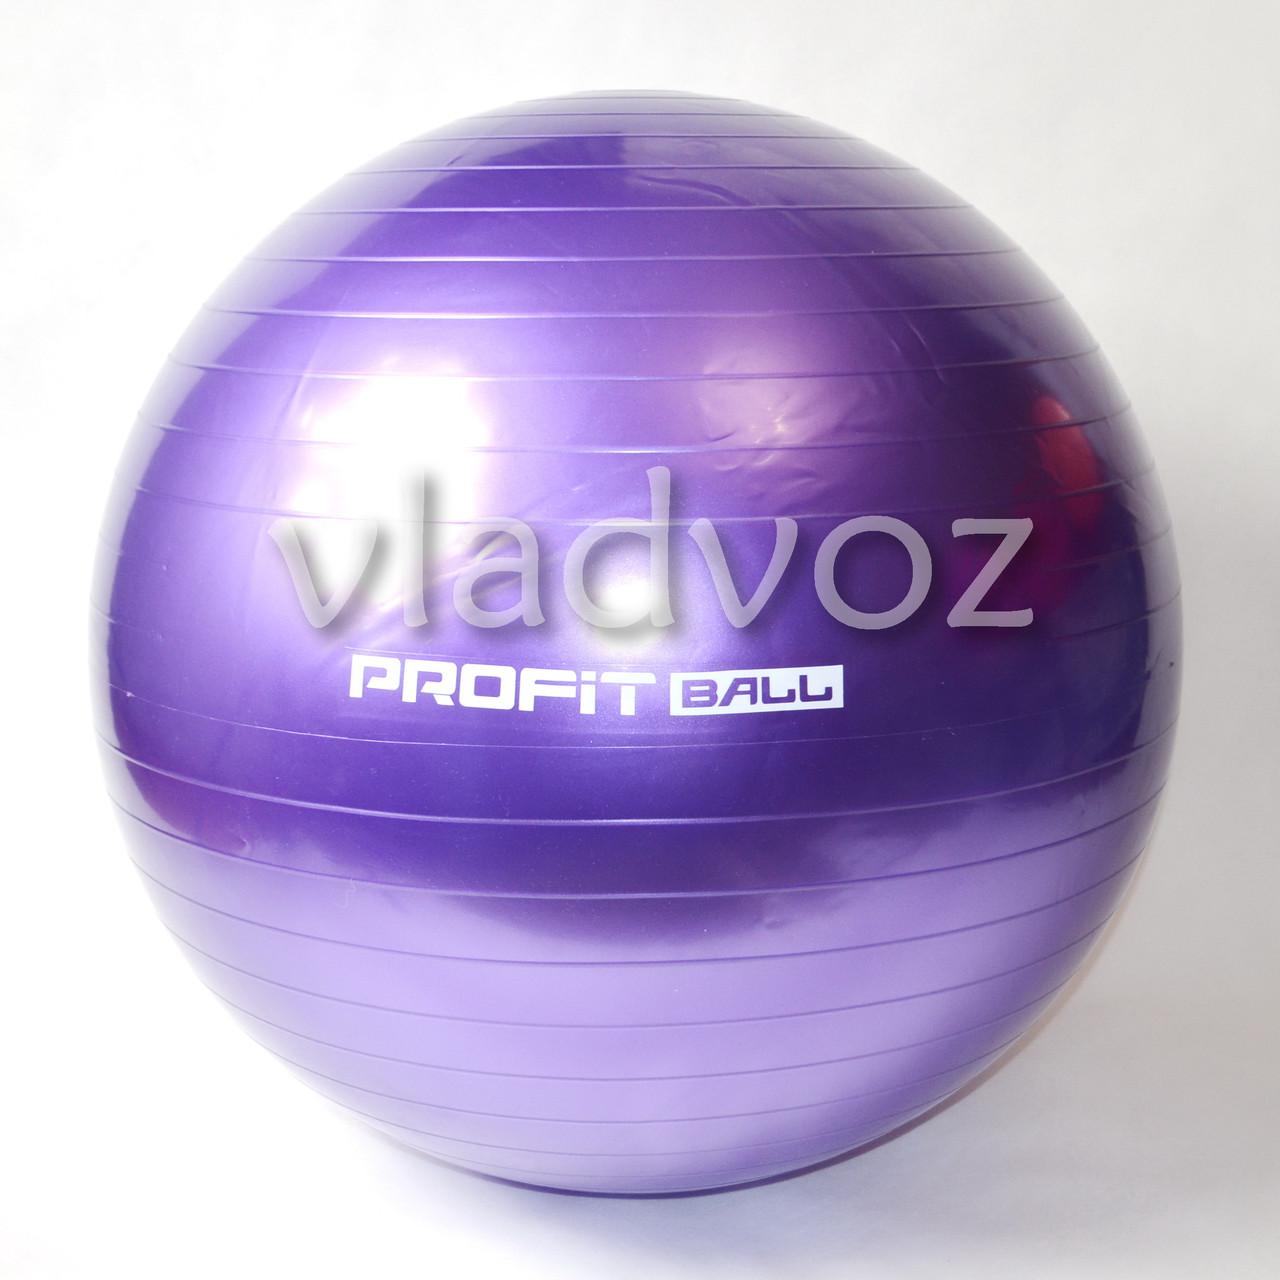 1f45be4a6a7add Мяч для фитнеса шар фитбол гимнастический для гимнастики беременных  грудничков 65 см 900 г фиол.